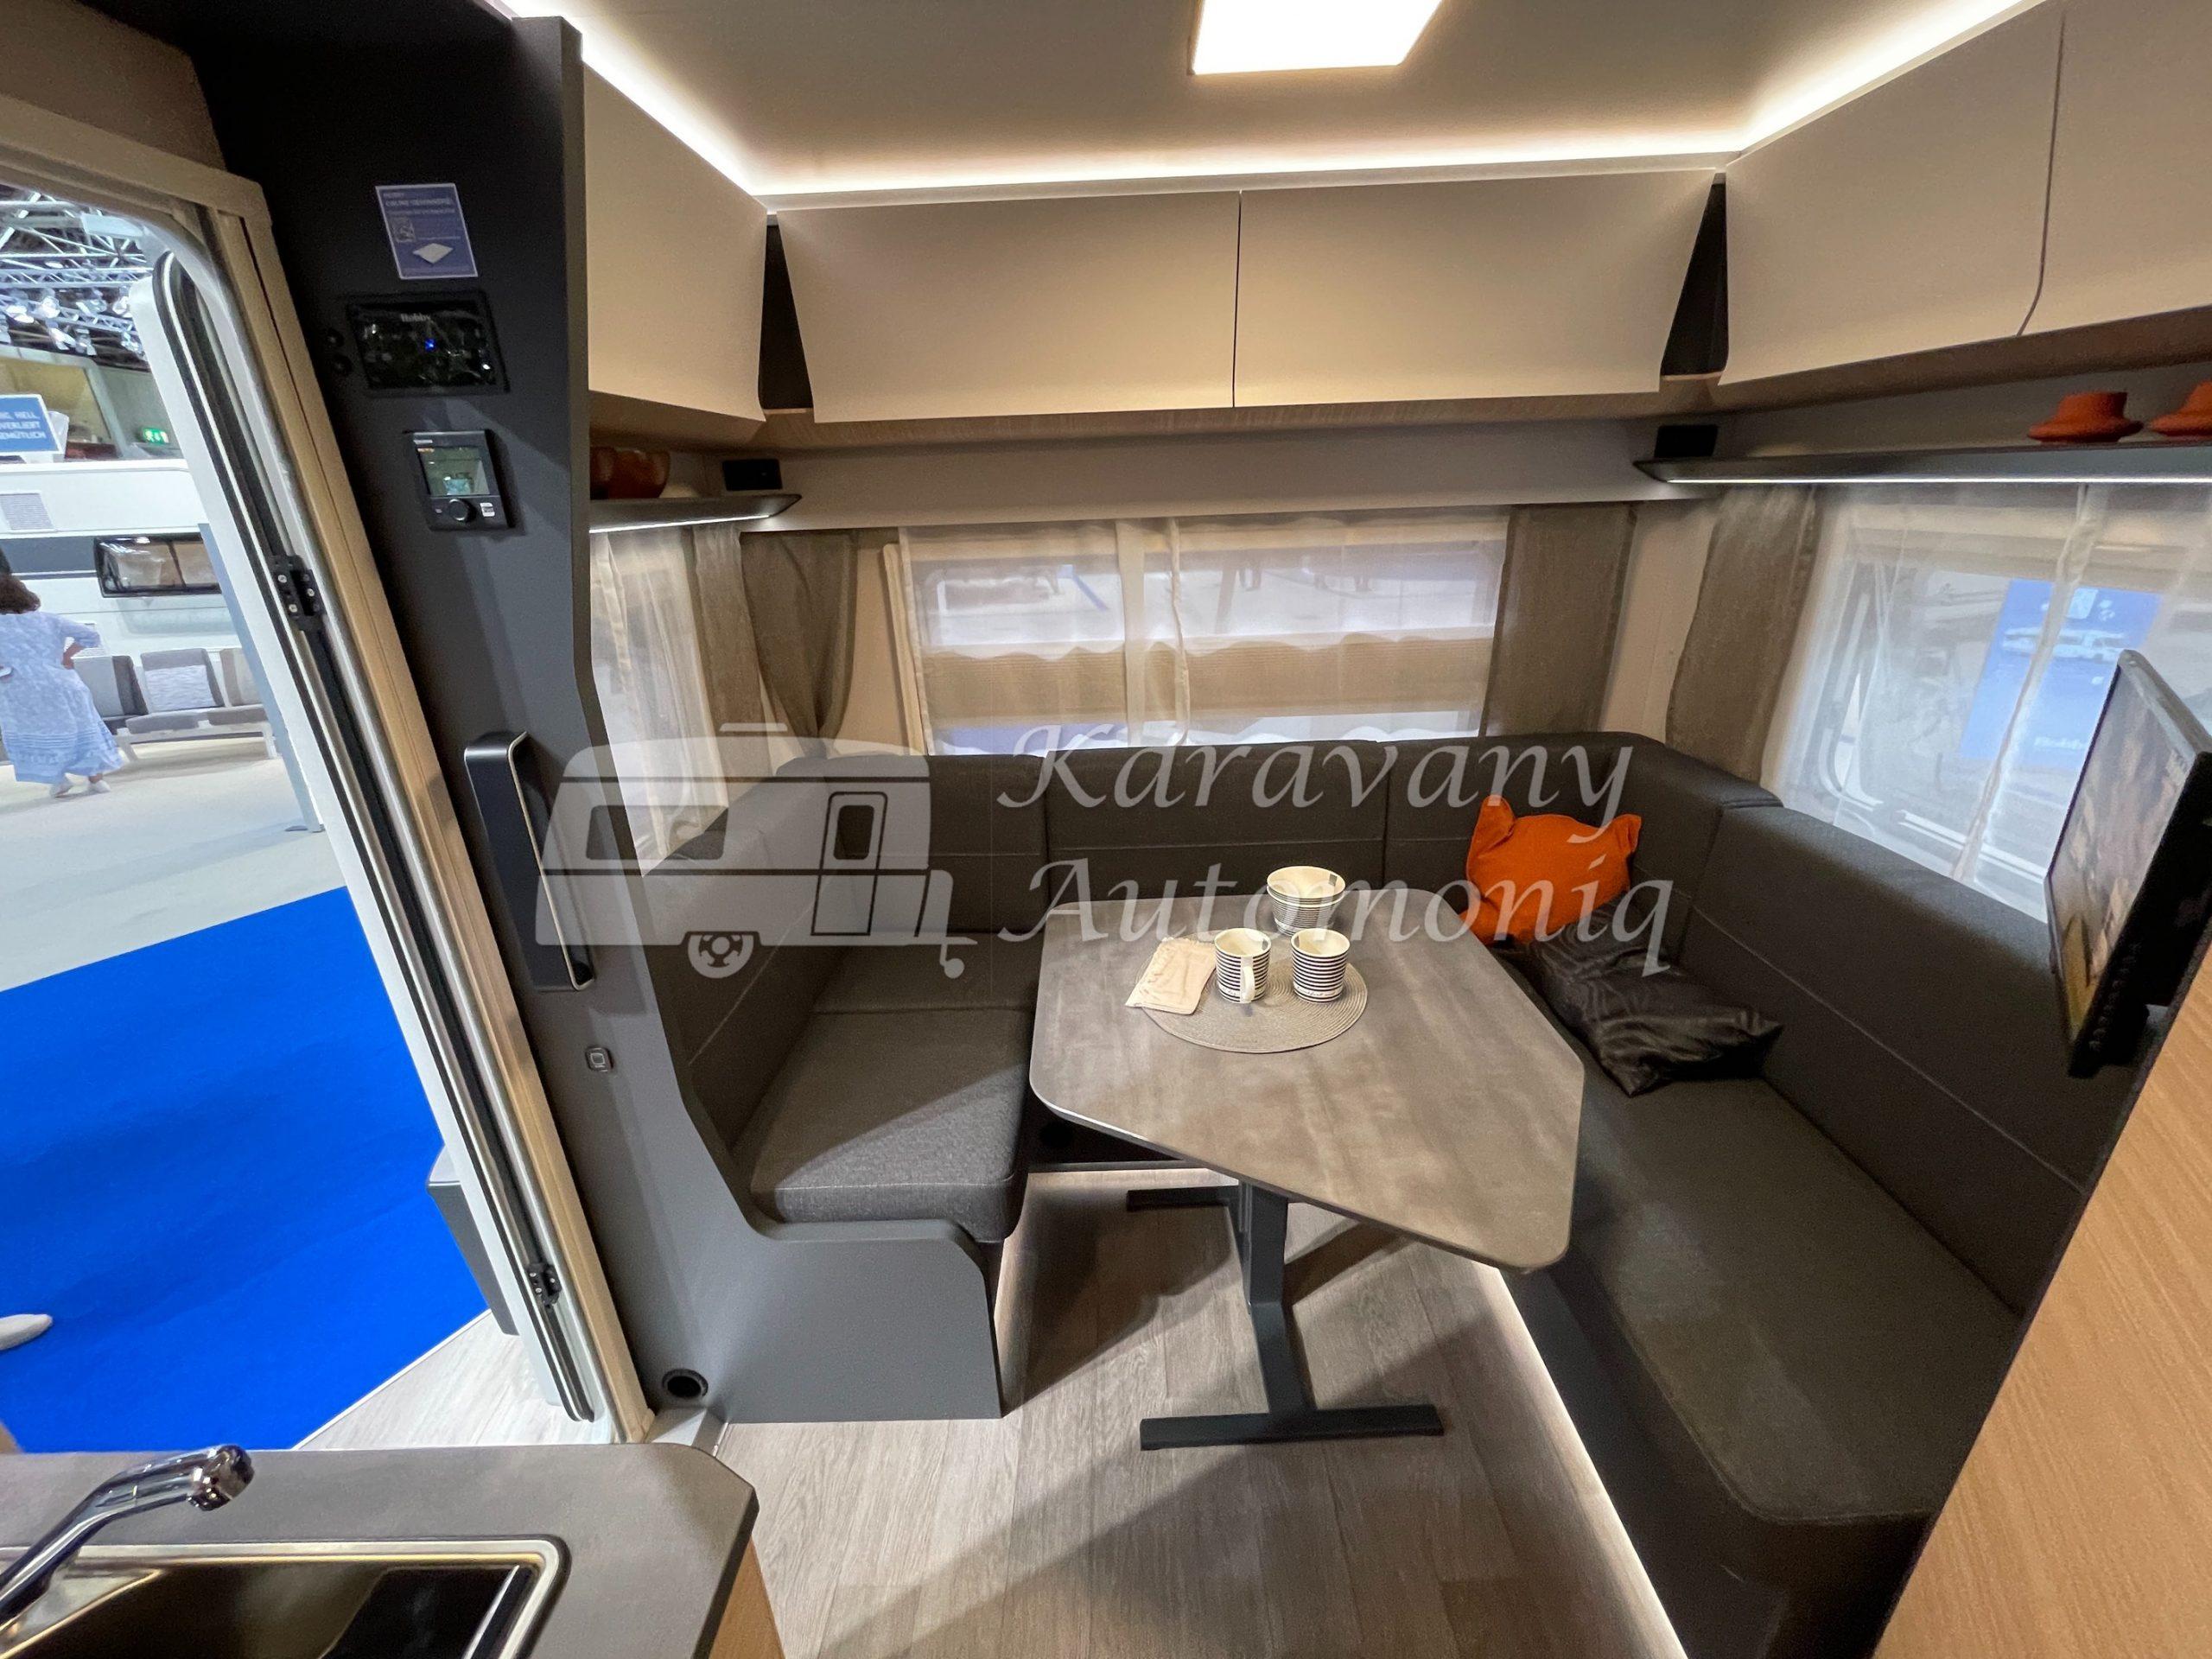 2022 model Hobby MAXIA 495 UL Image